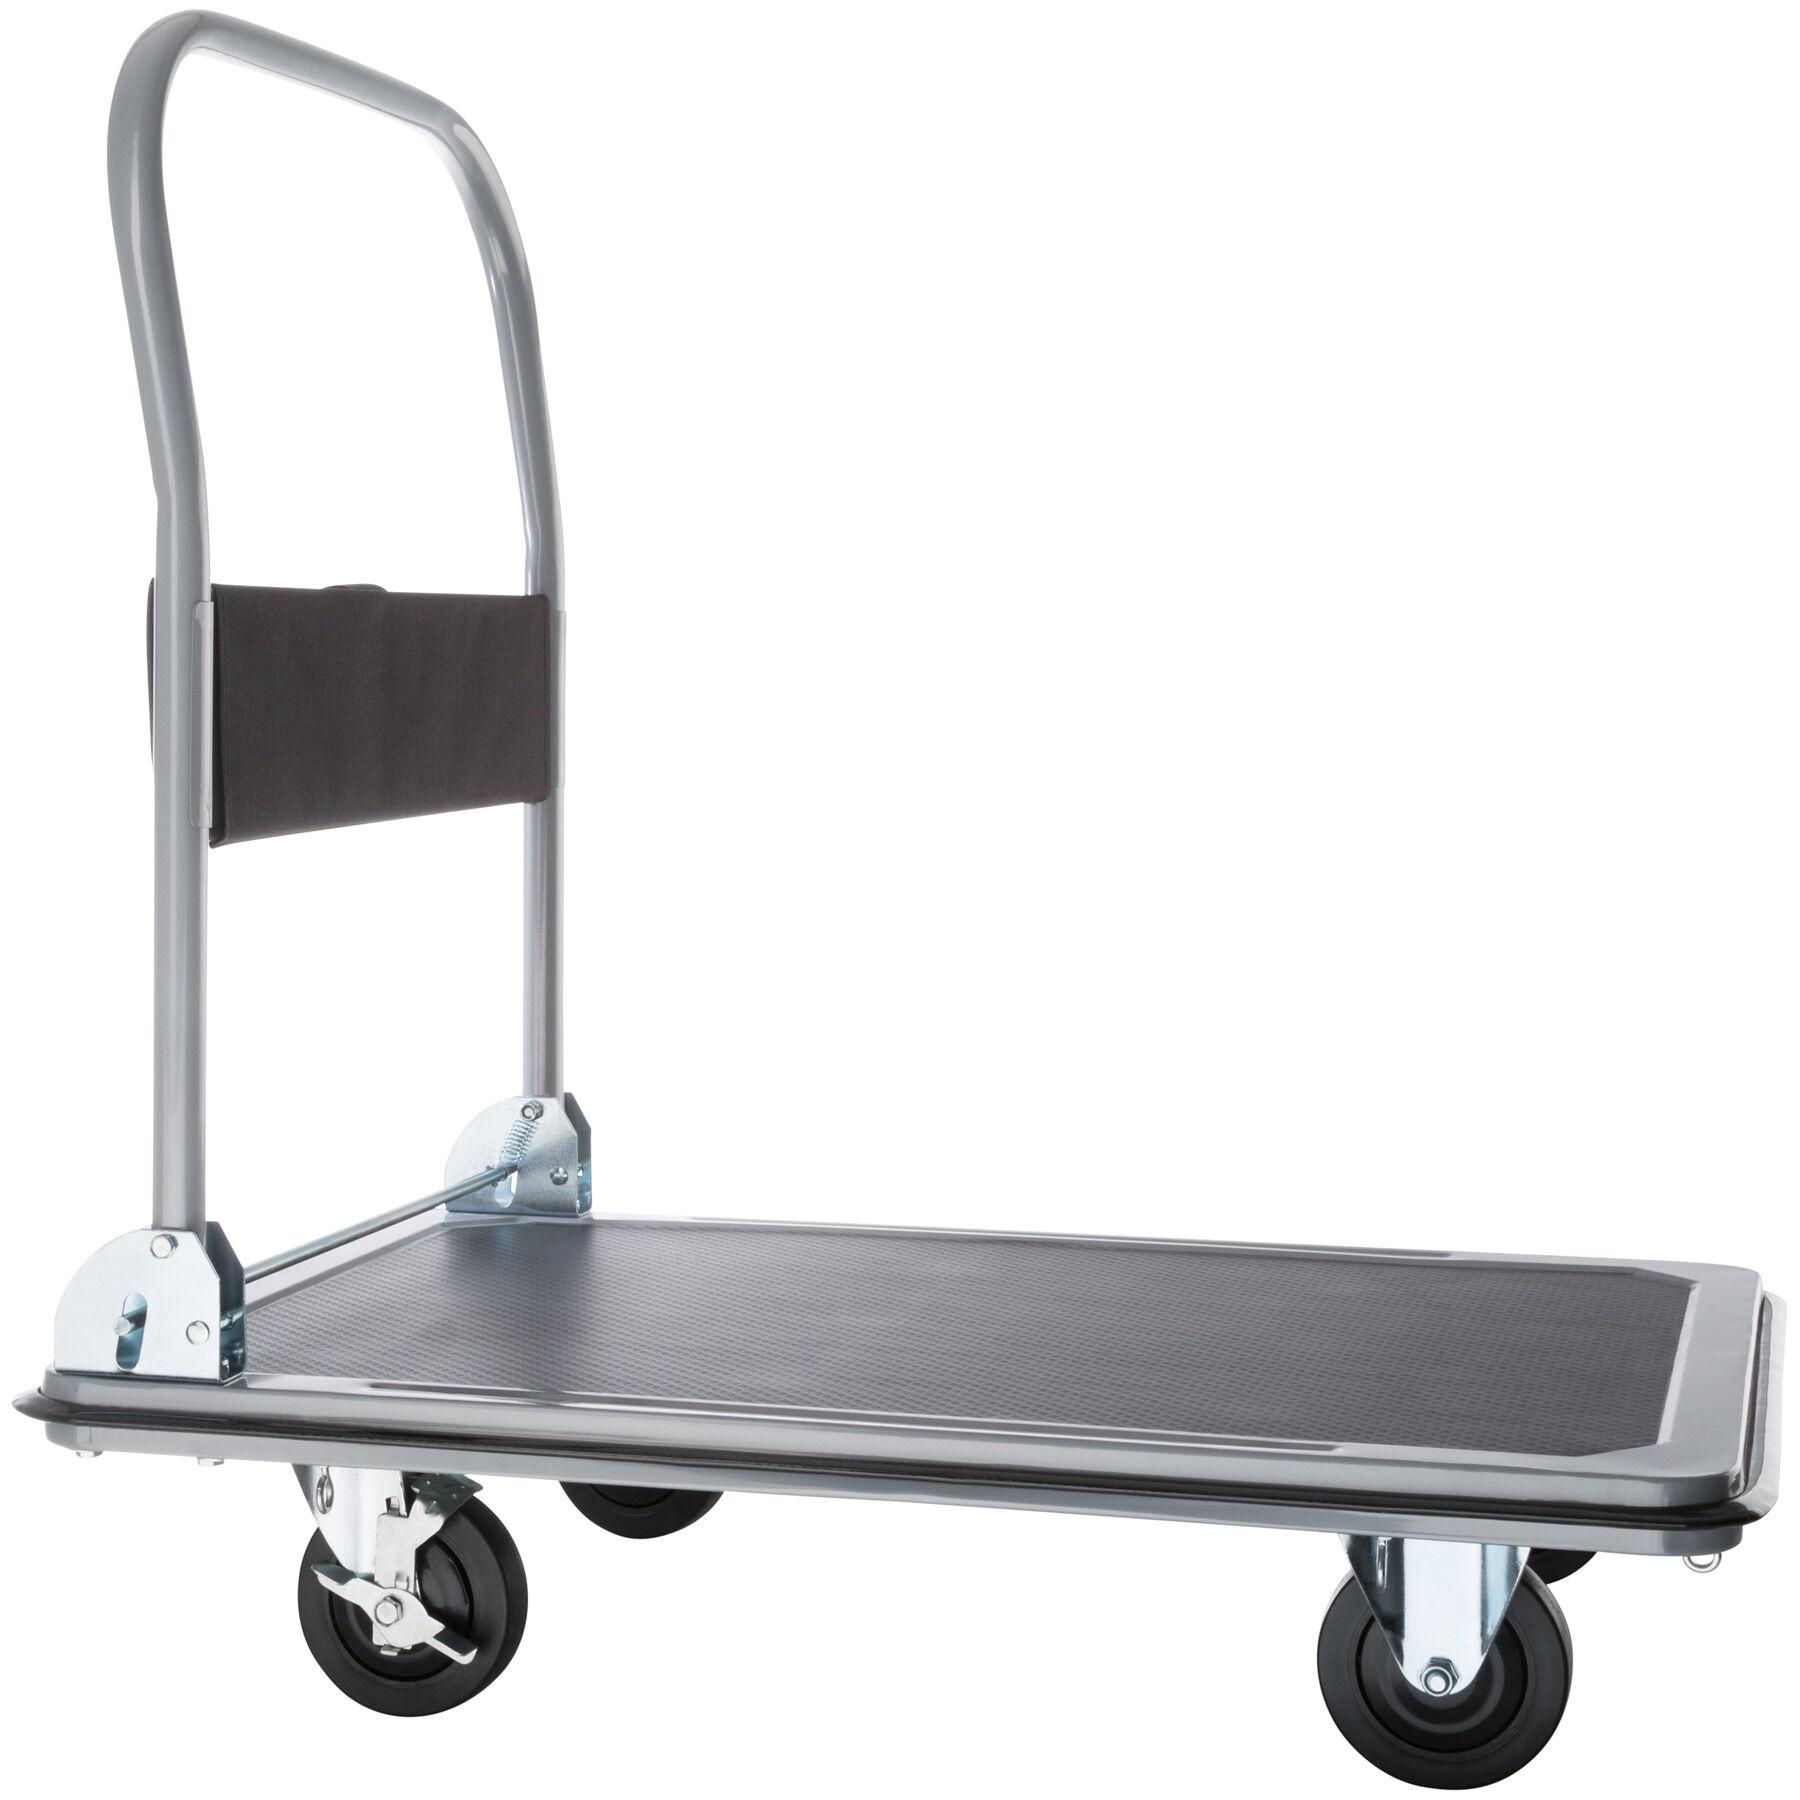 tectake carrello a pianale con freni - nero, 300 kg